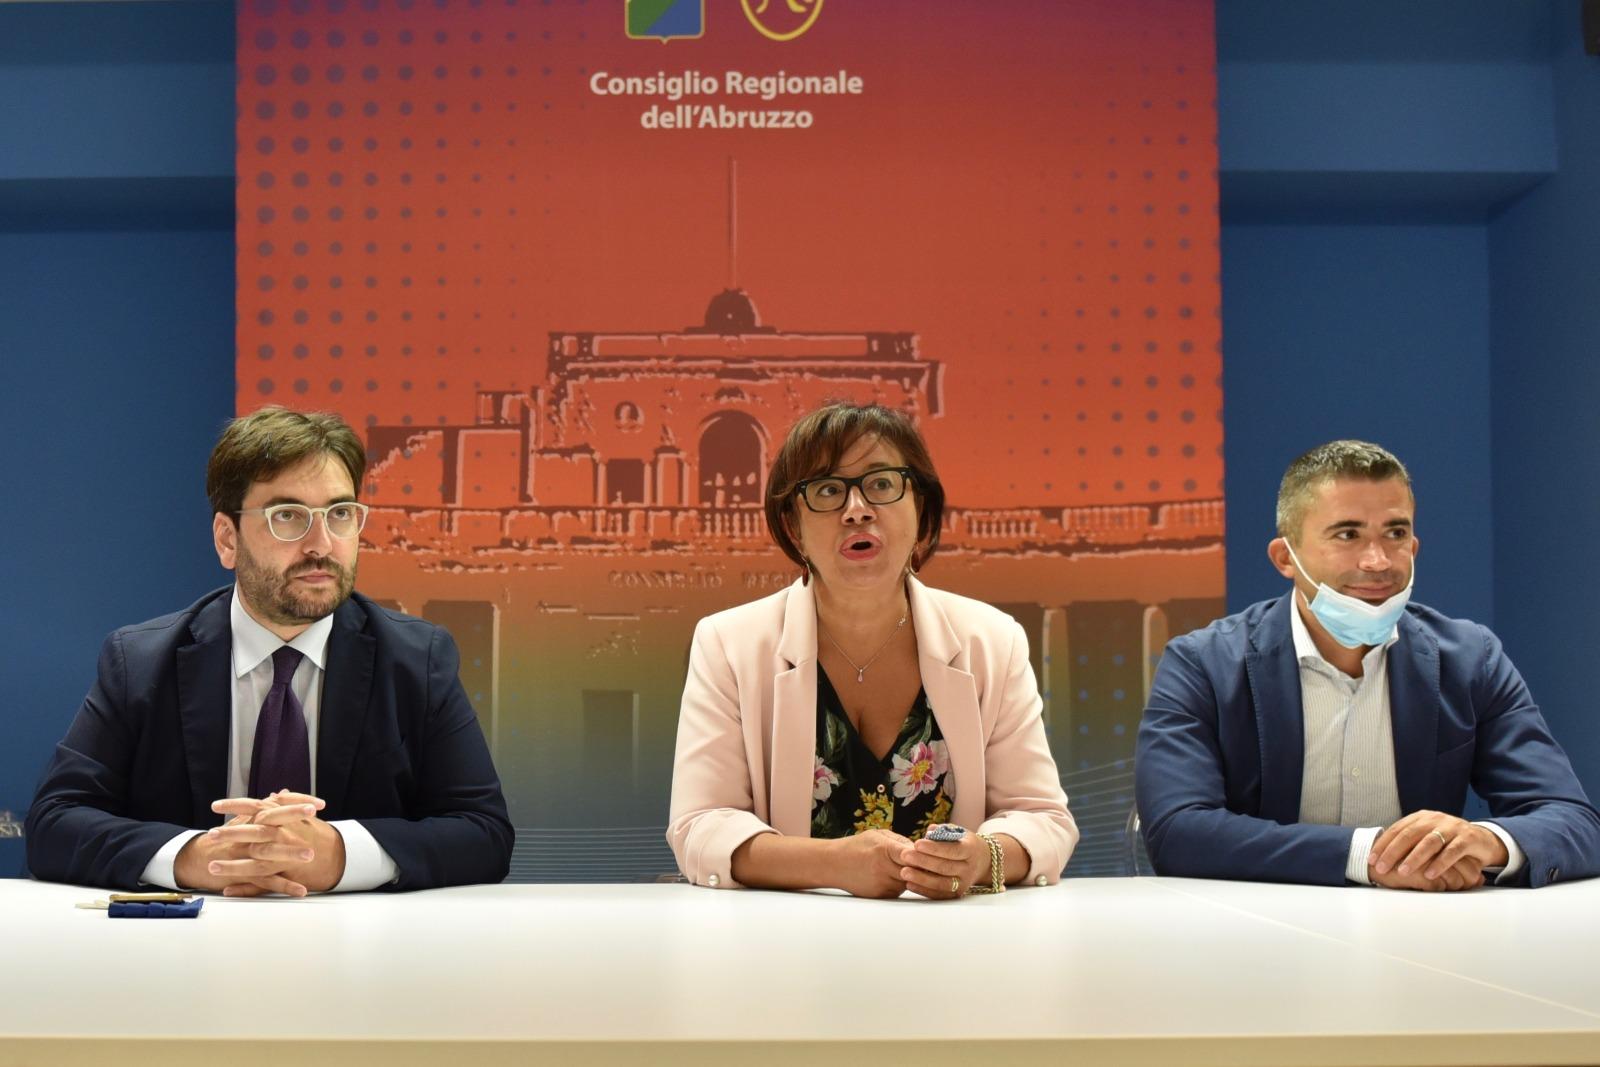 """Il PD Abruzzo analizza il voto amministrativo: """"Il centrodestra arretra, PD alternativa in fase politica delicata"""""""